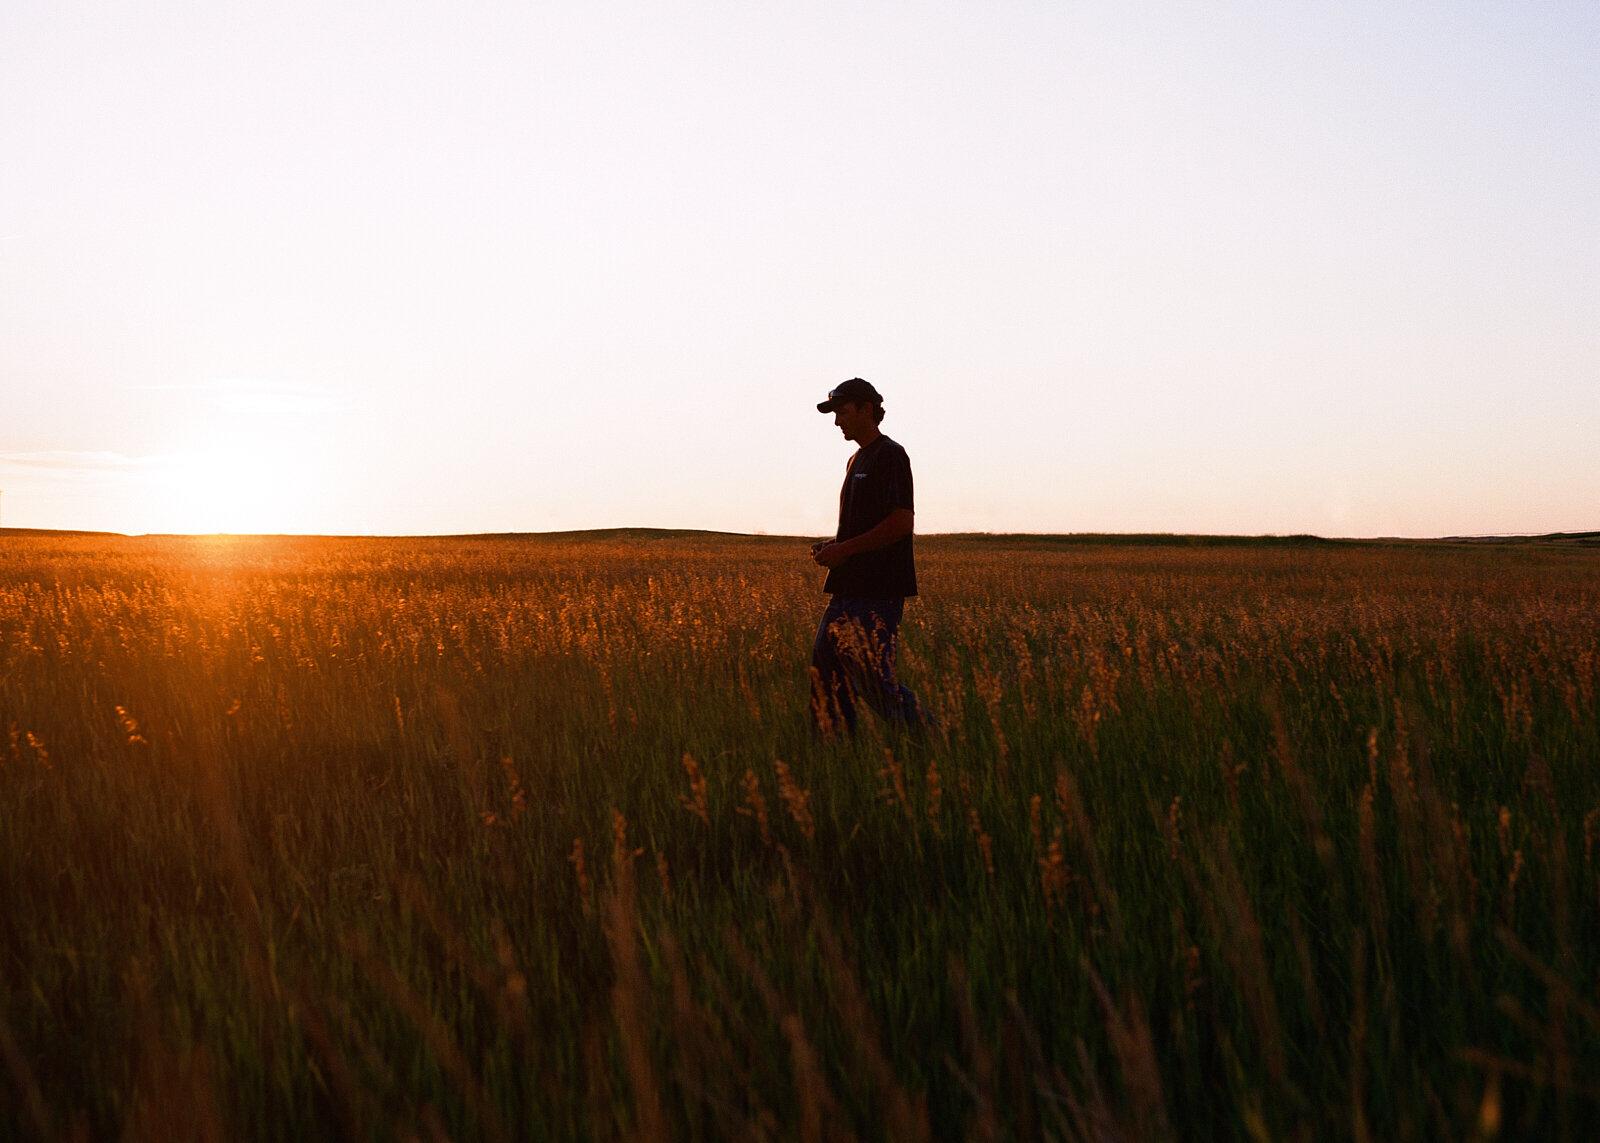 John Deer Commercial Photographer